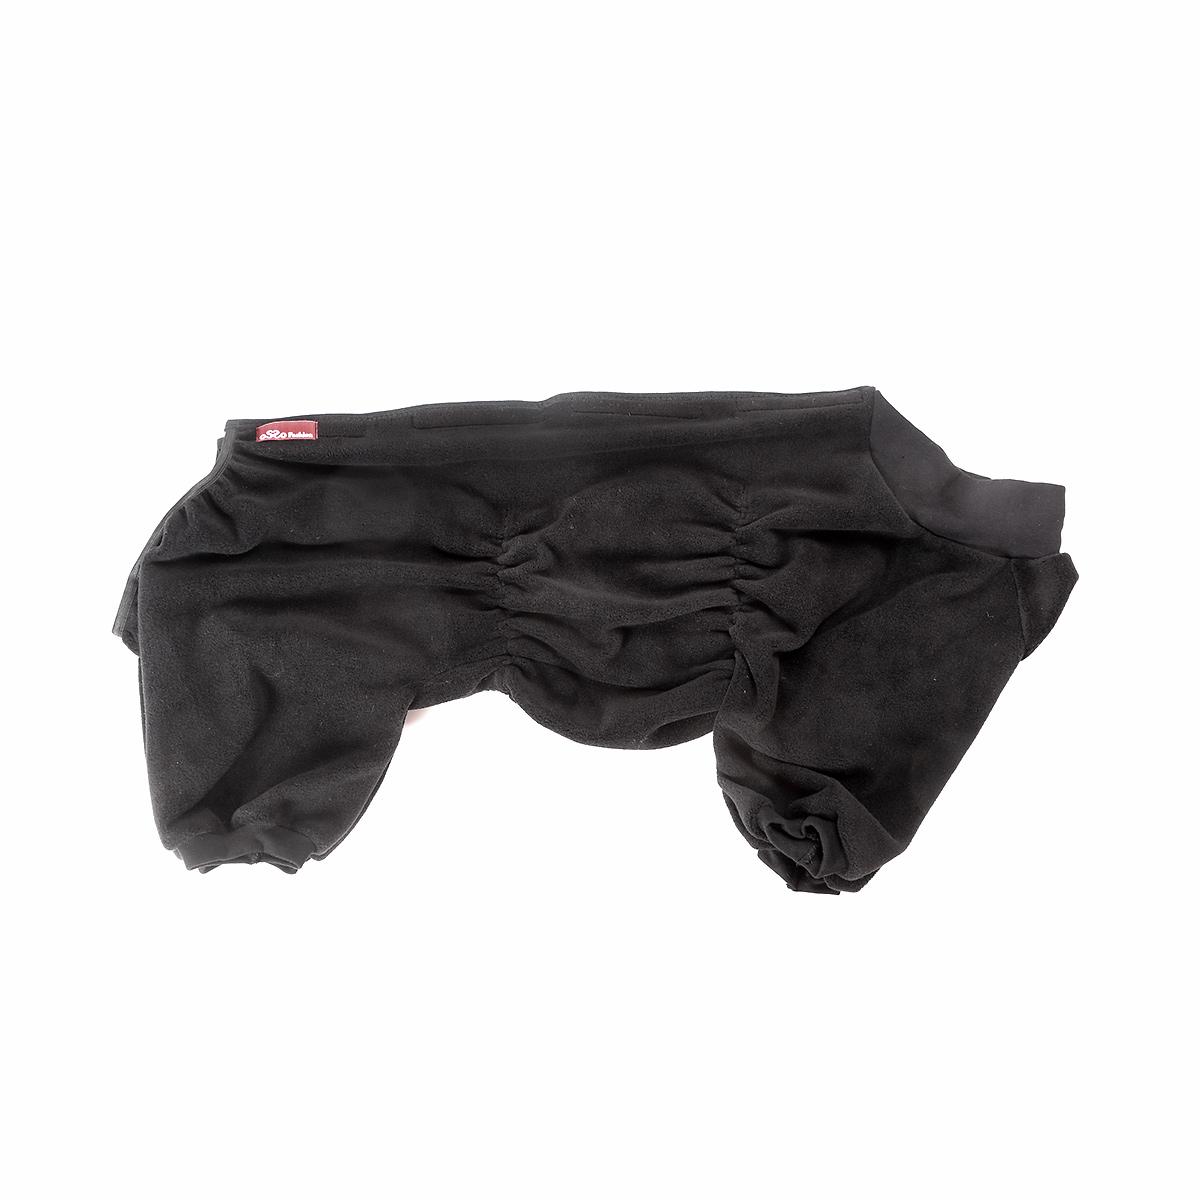 Комбинезон для собак OSSO Fashion, для мальчика, цвет: графит. Размер 30Кф-1006Комбинезон для собак OSSO Fashion выполнен из флиса. Комфортная посадка по корпусу достигается за счет резинок-утяжек под грудью и животом. На воротнике имеются завязки, для дополнительной фиксации. Можно носить самостоятельно и как поддевку под комбинезон для собак. Изделие отлично стирается, быстро сохнет.Длина спинки: 30 см.Объем груди: 34-44 см.